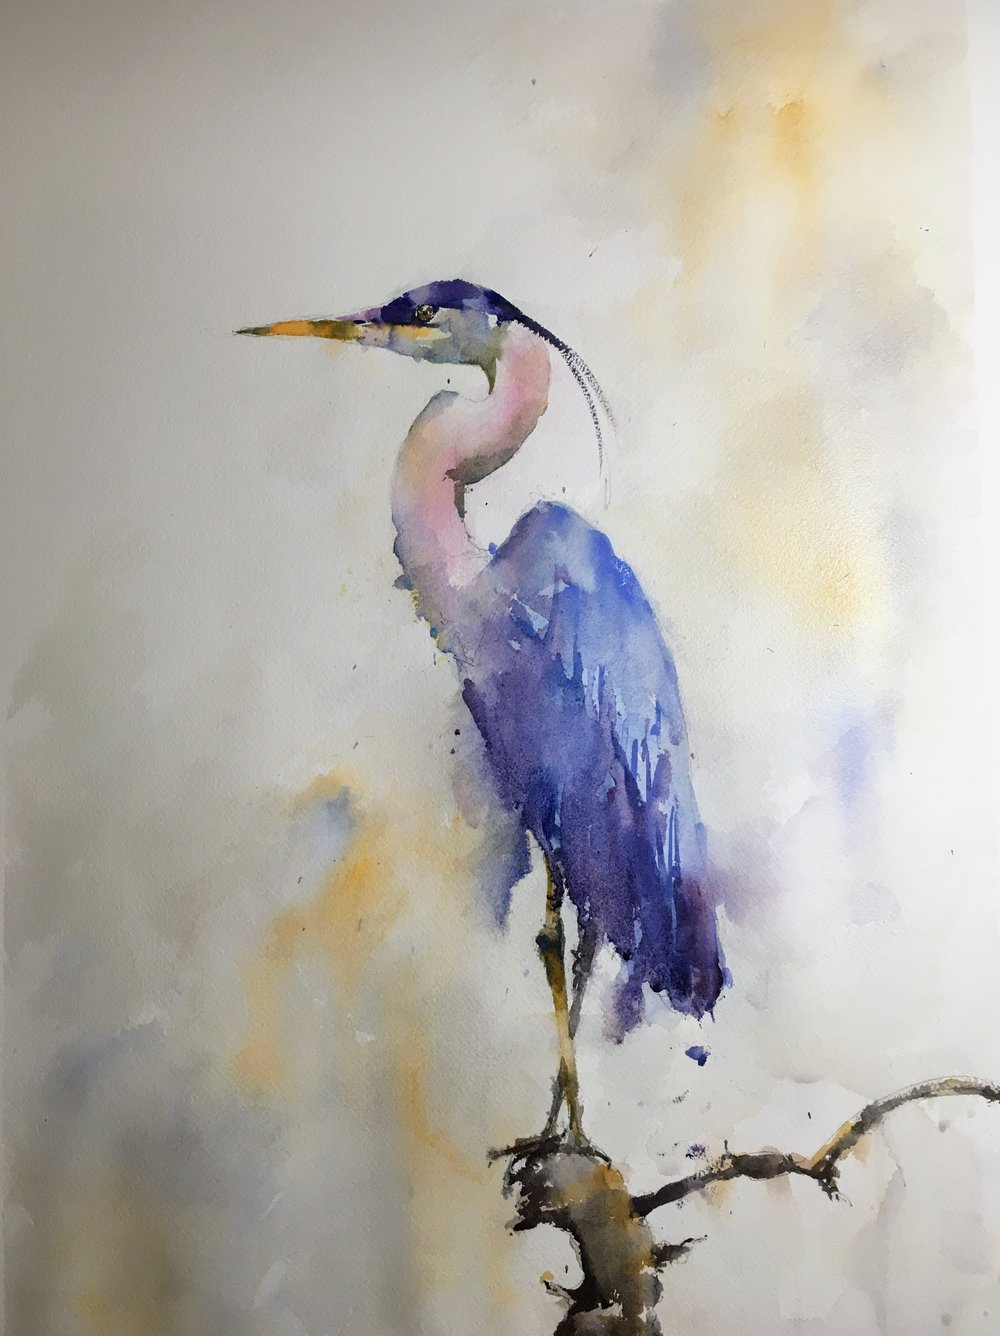 blue_heron_watercolor.JPG